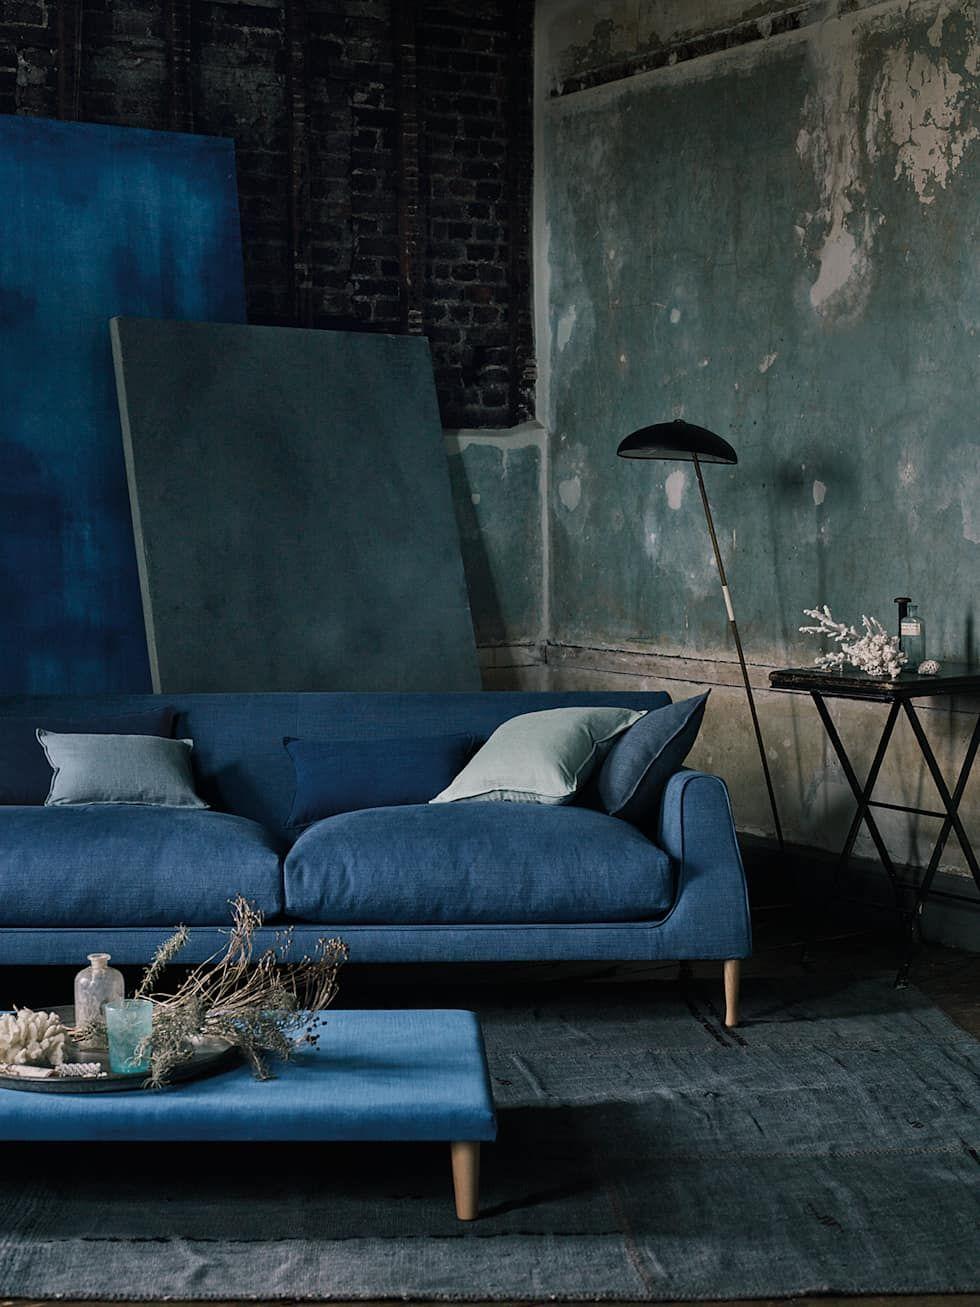 Full Size of Moderne Wohnzimmer 2020 Impression In Blau Trend Industrielook Romo Duschen Wandbilder Deckenleuchte Esstische Wandtattoo Kommode Tapete Lampe Teppich Decke Wohnzimmer Moderne Wohnzimmer 2020